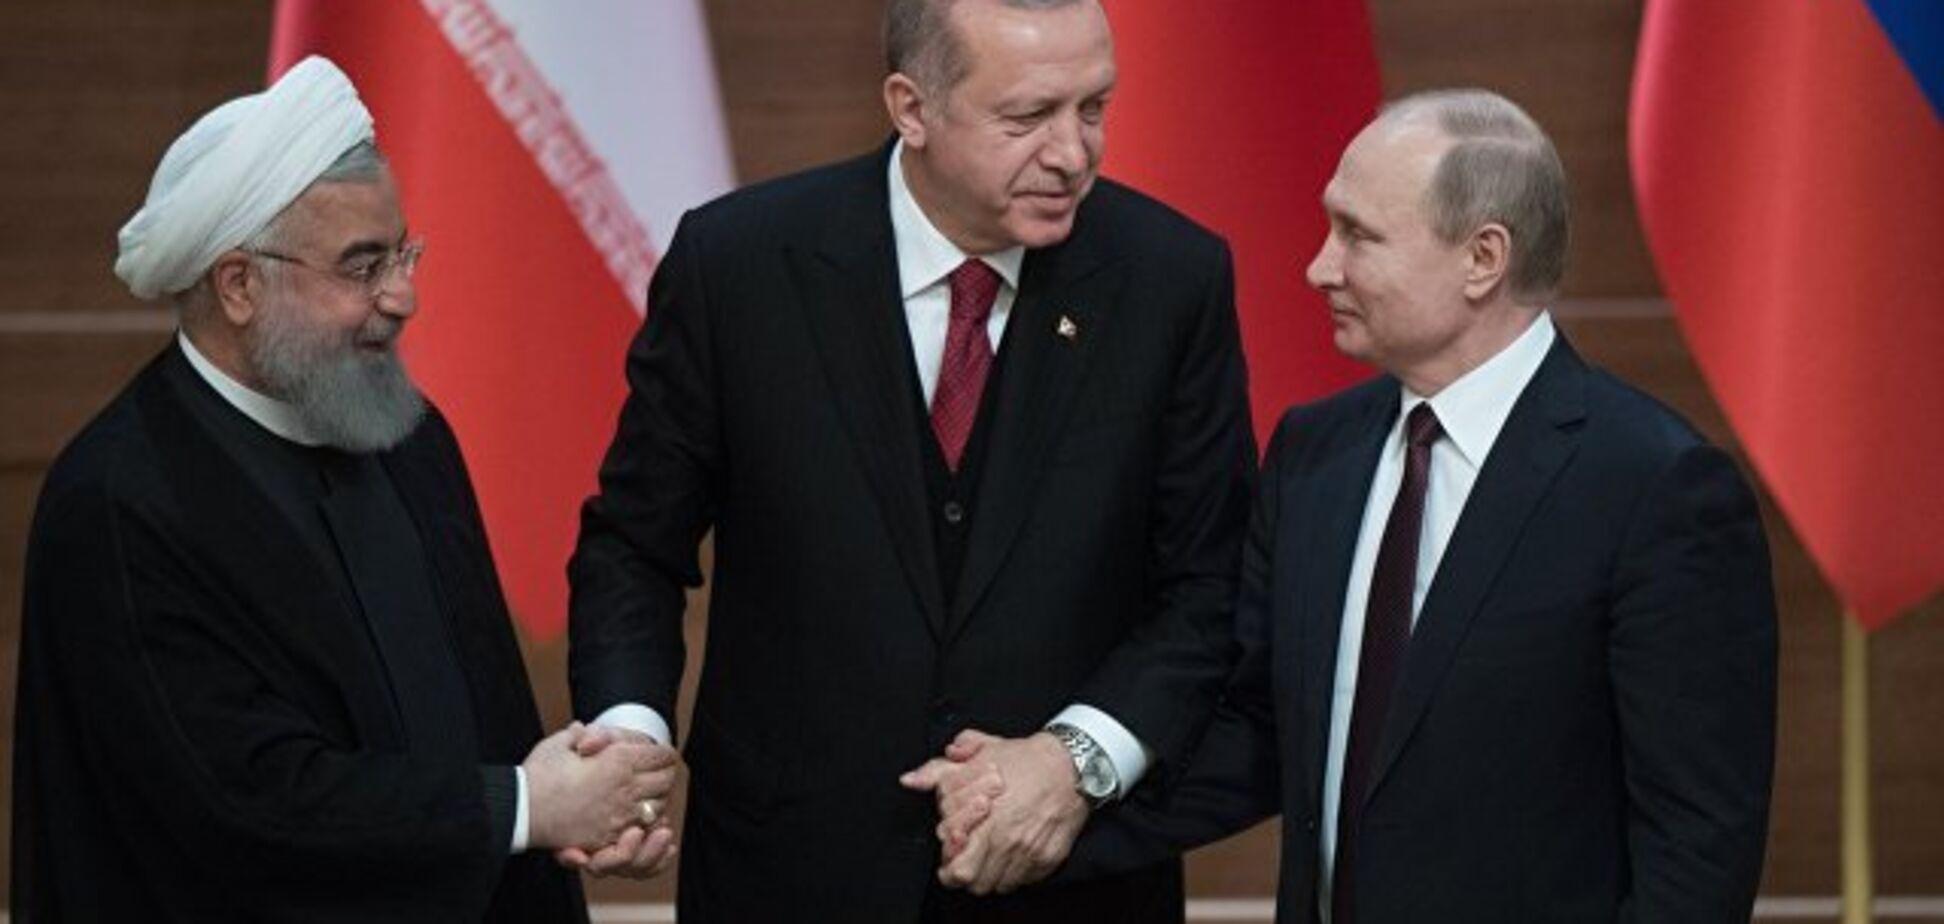 Штаны с подвохом: Путин опять 'замаскировал' свой рост. Фотофакт